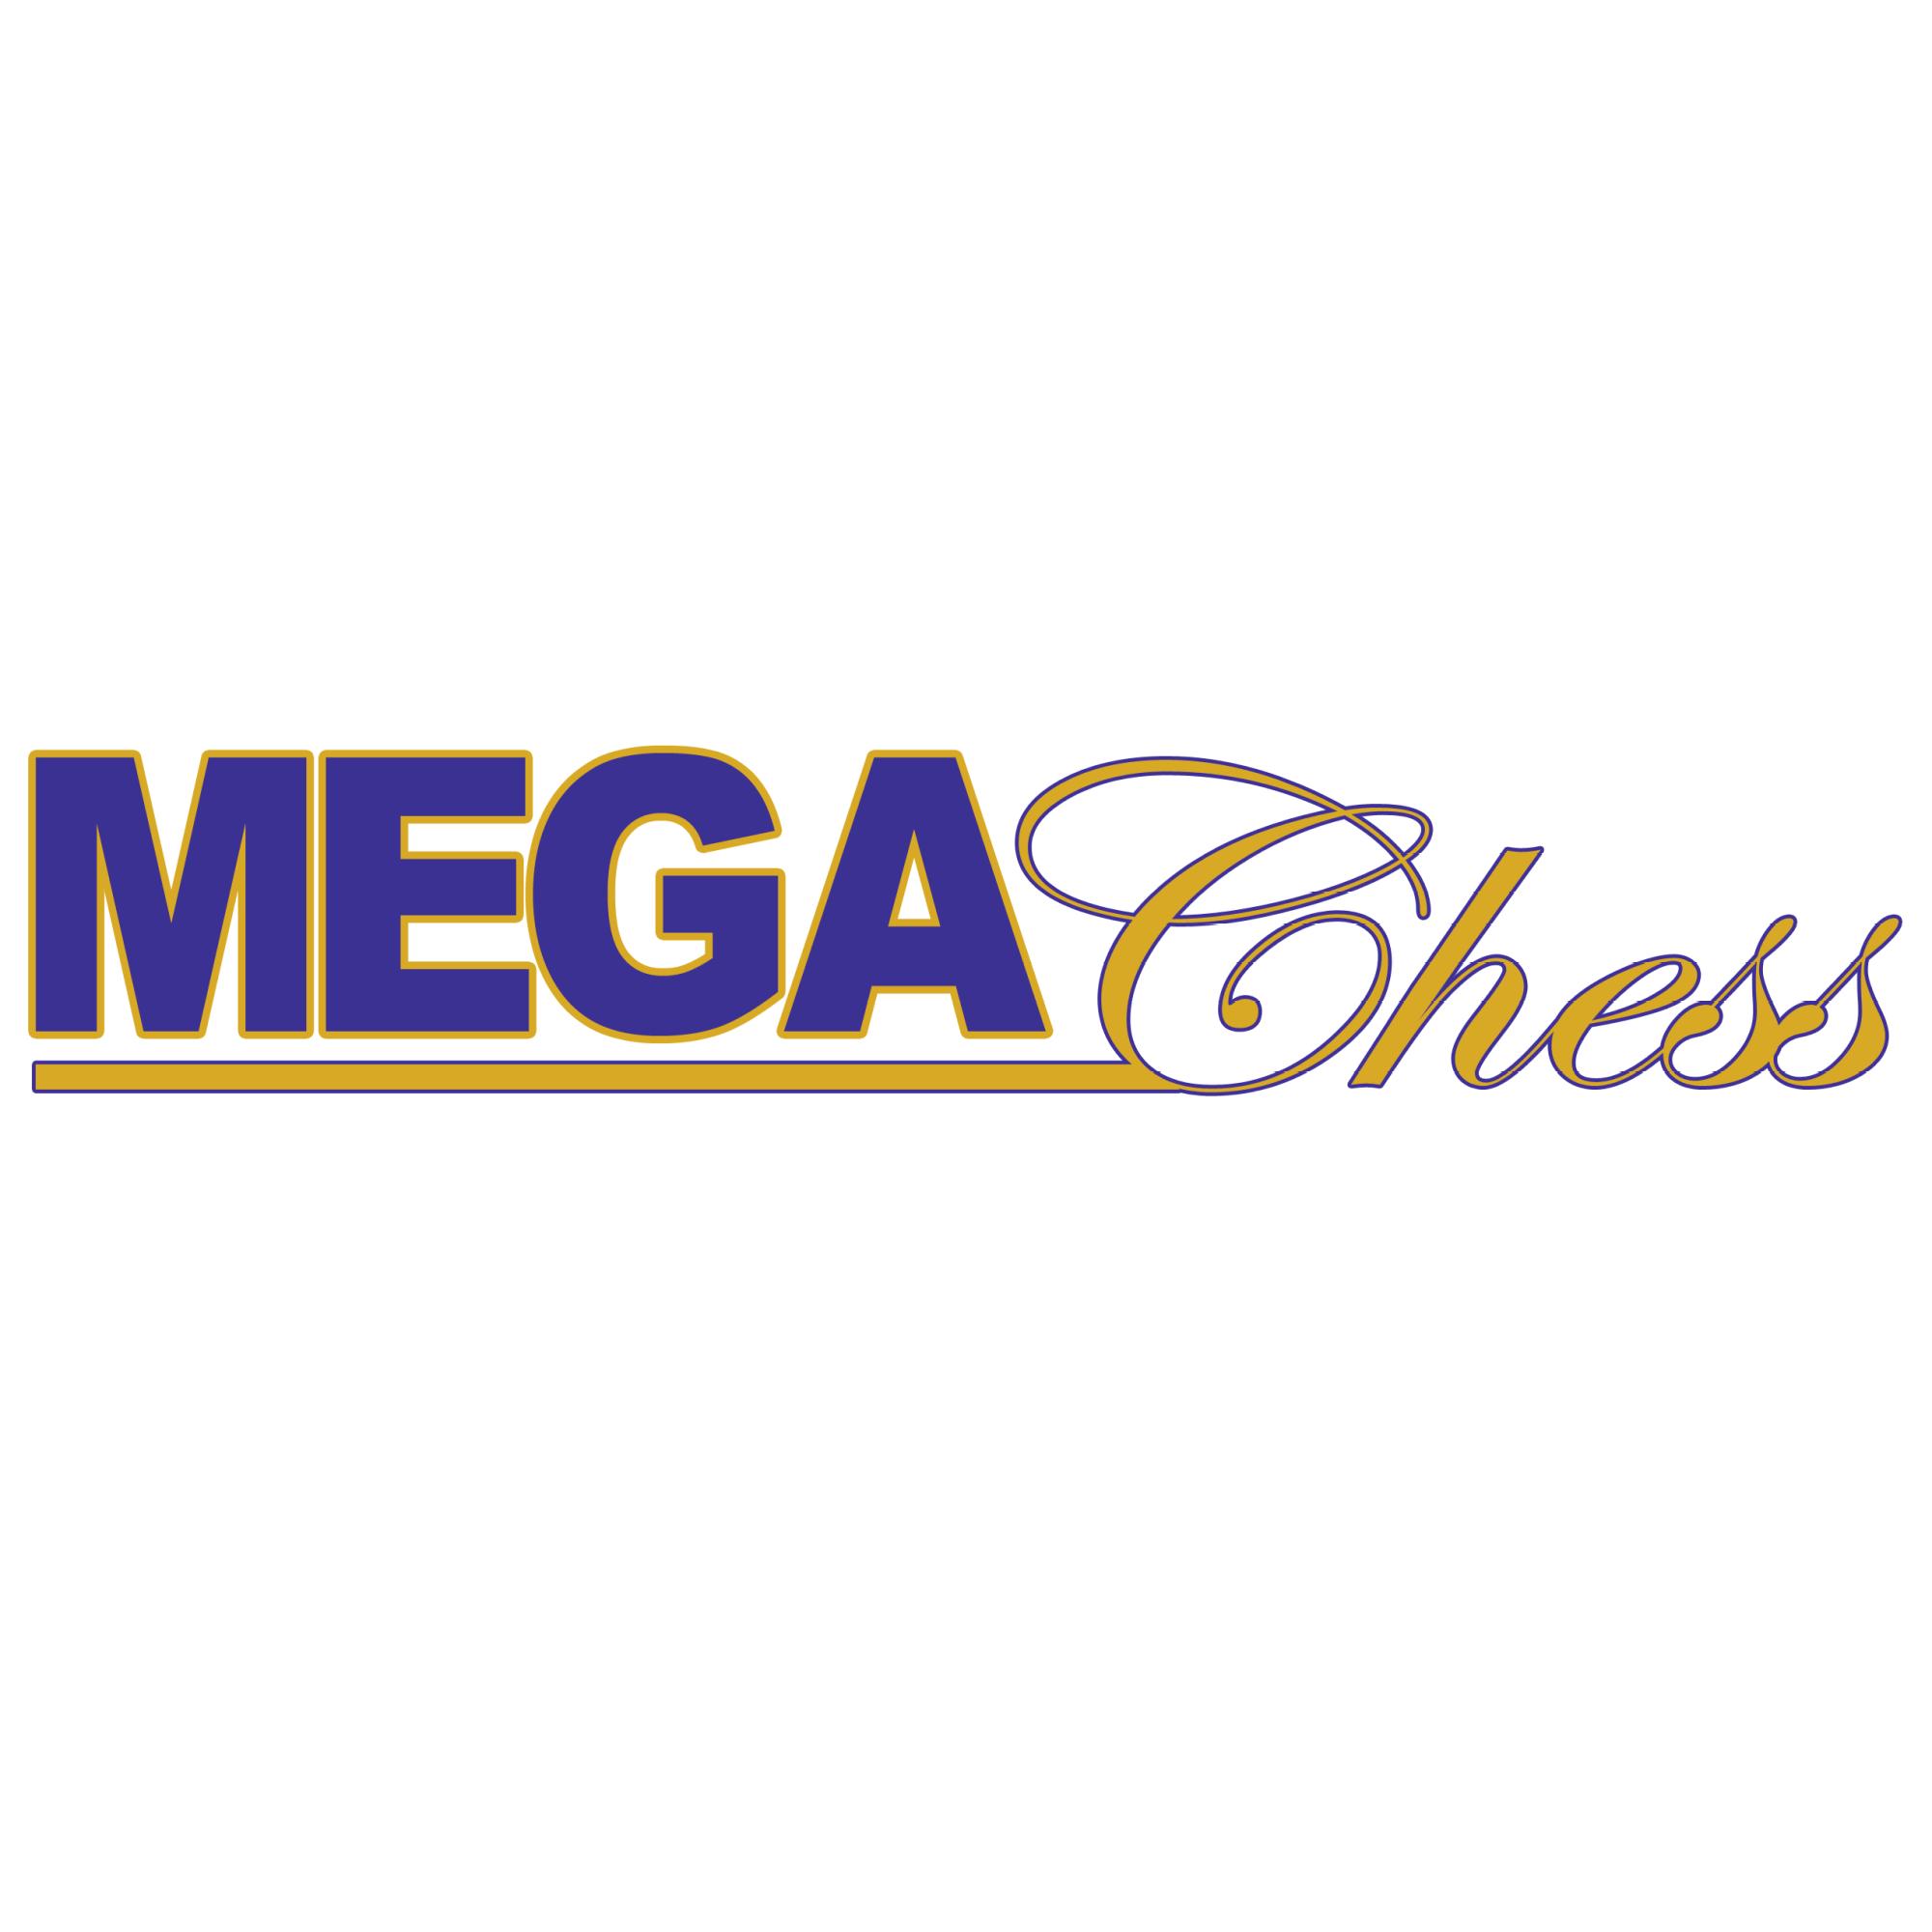 MegaChess Logo